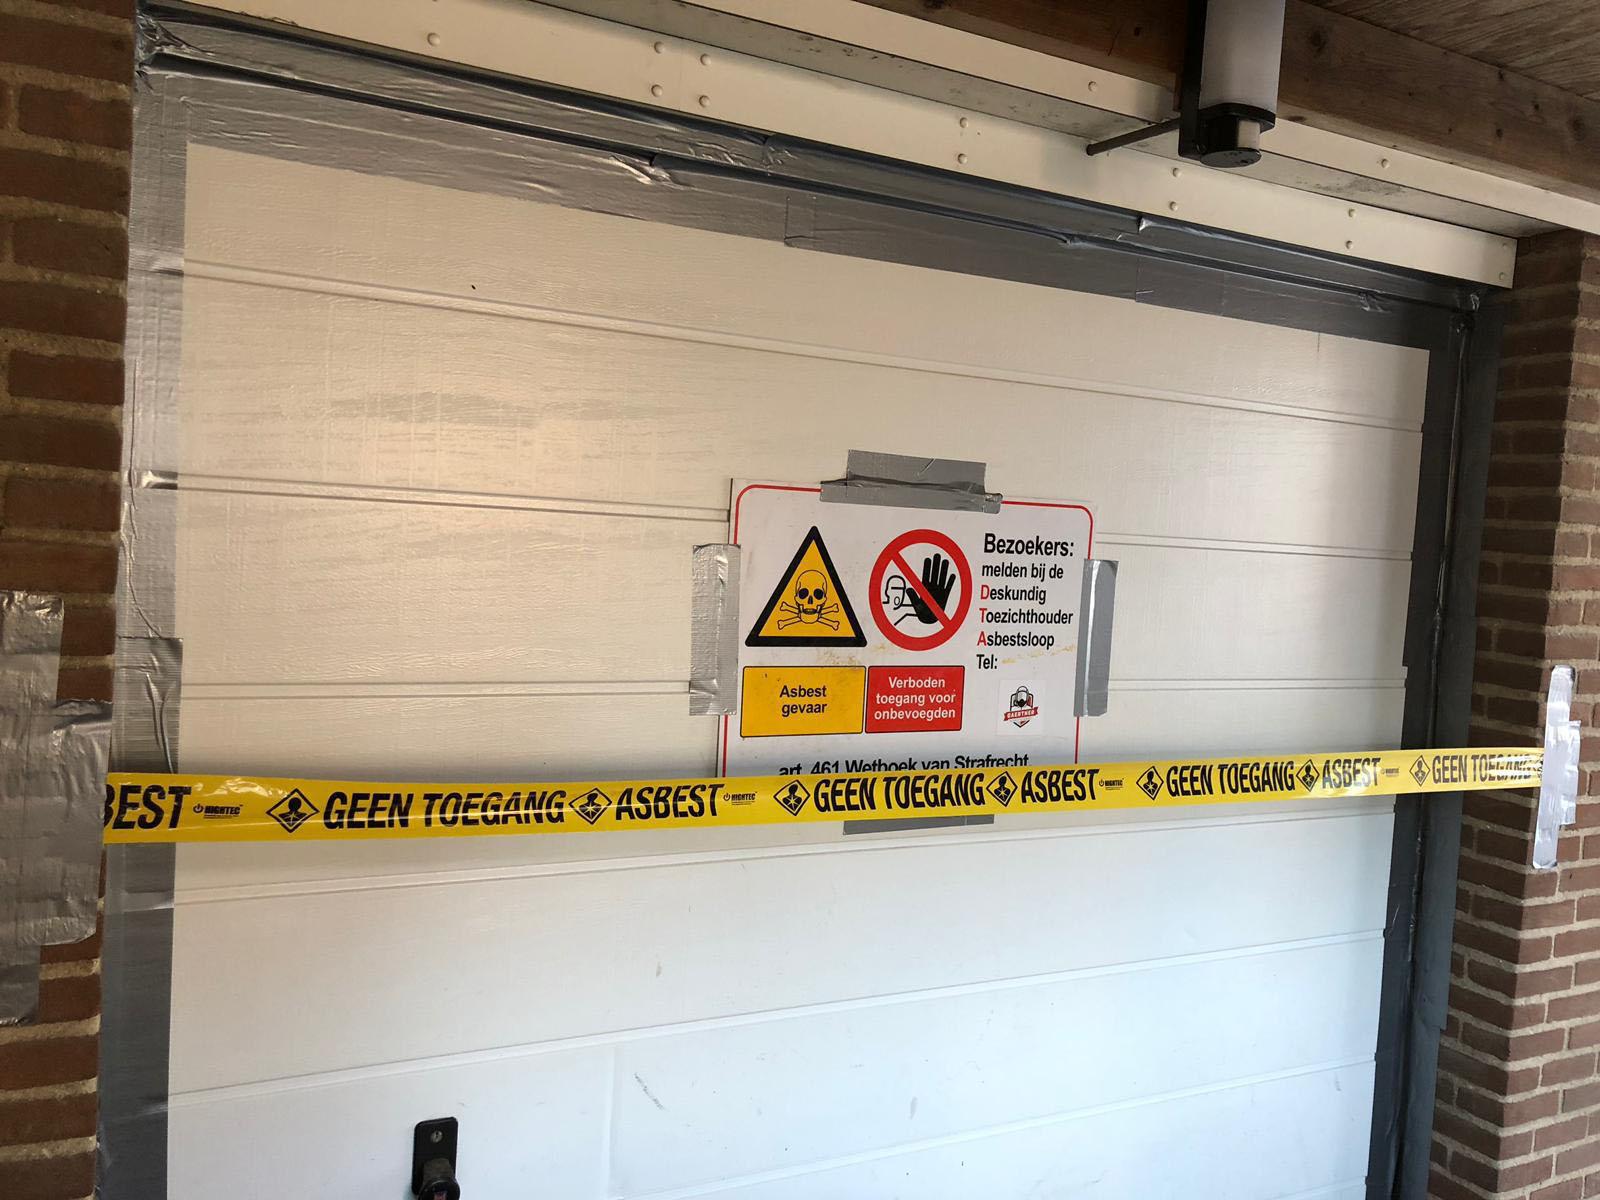 Asbest gevaar